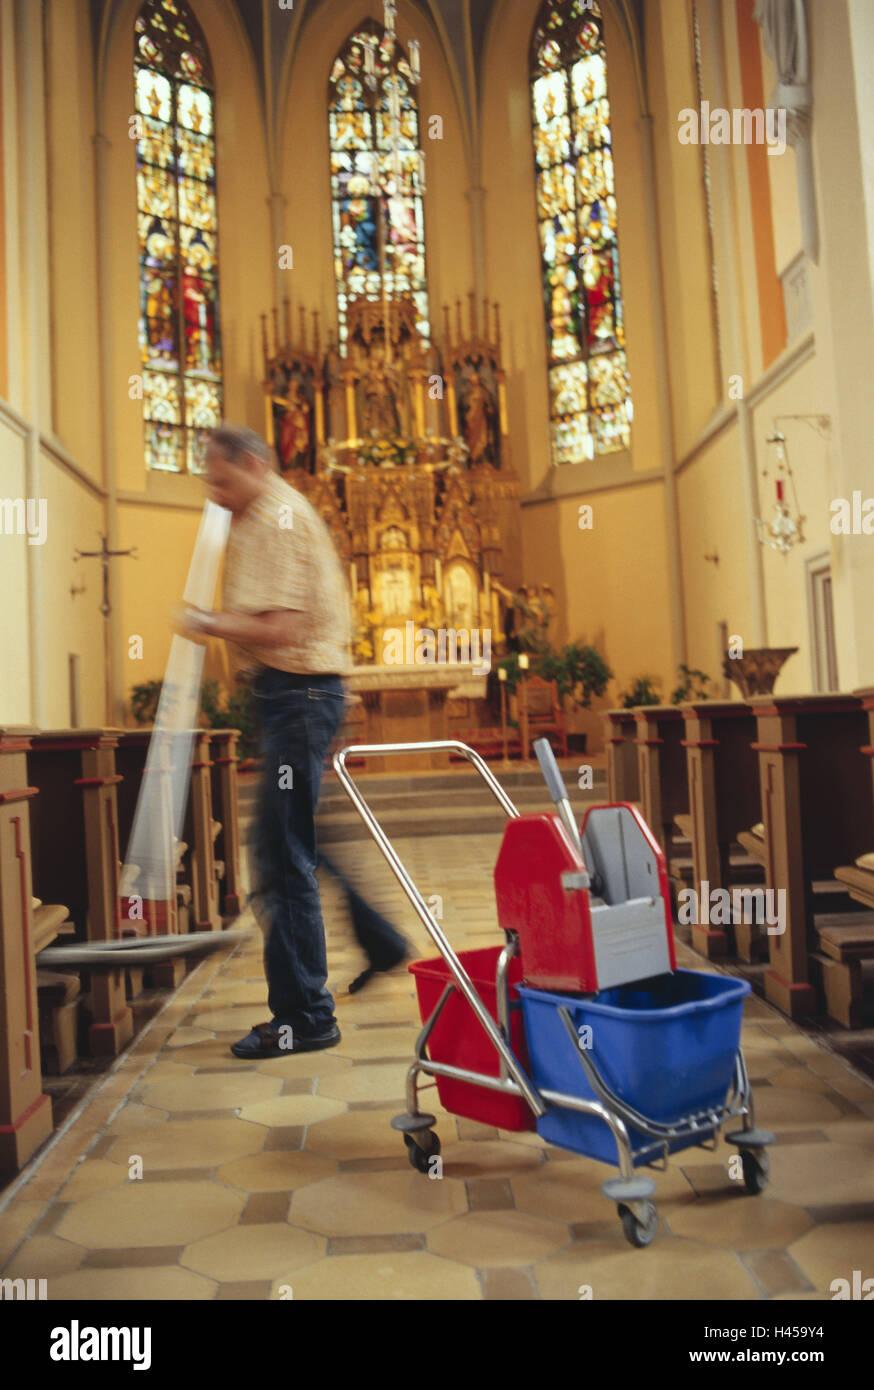 kirche reinigung kraft kirche reinigung sauber sauber altar boden wischen mann person. Black Bedroom Furniture Sets. Home Design Ideas